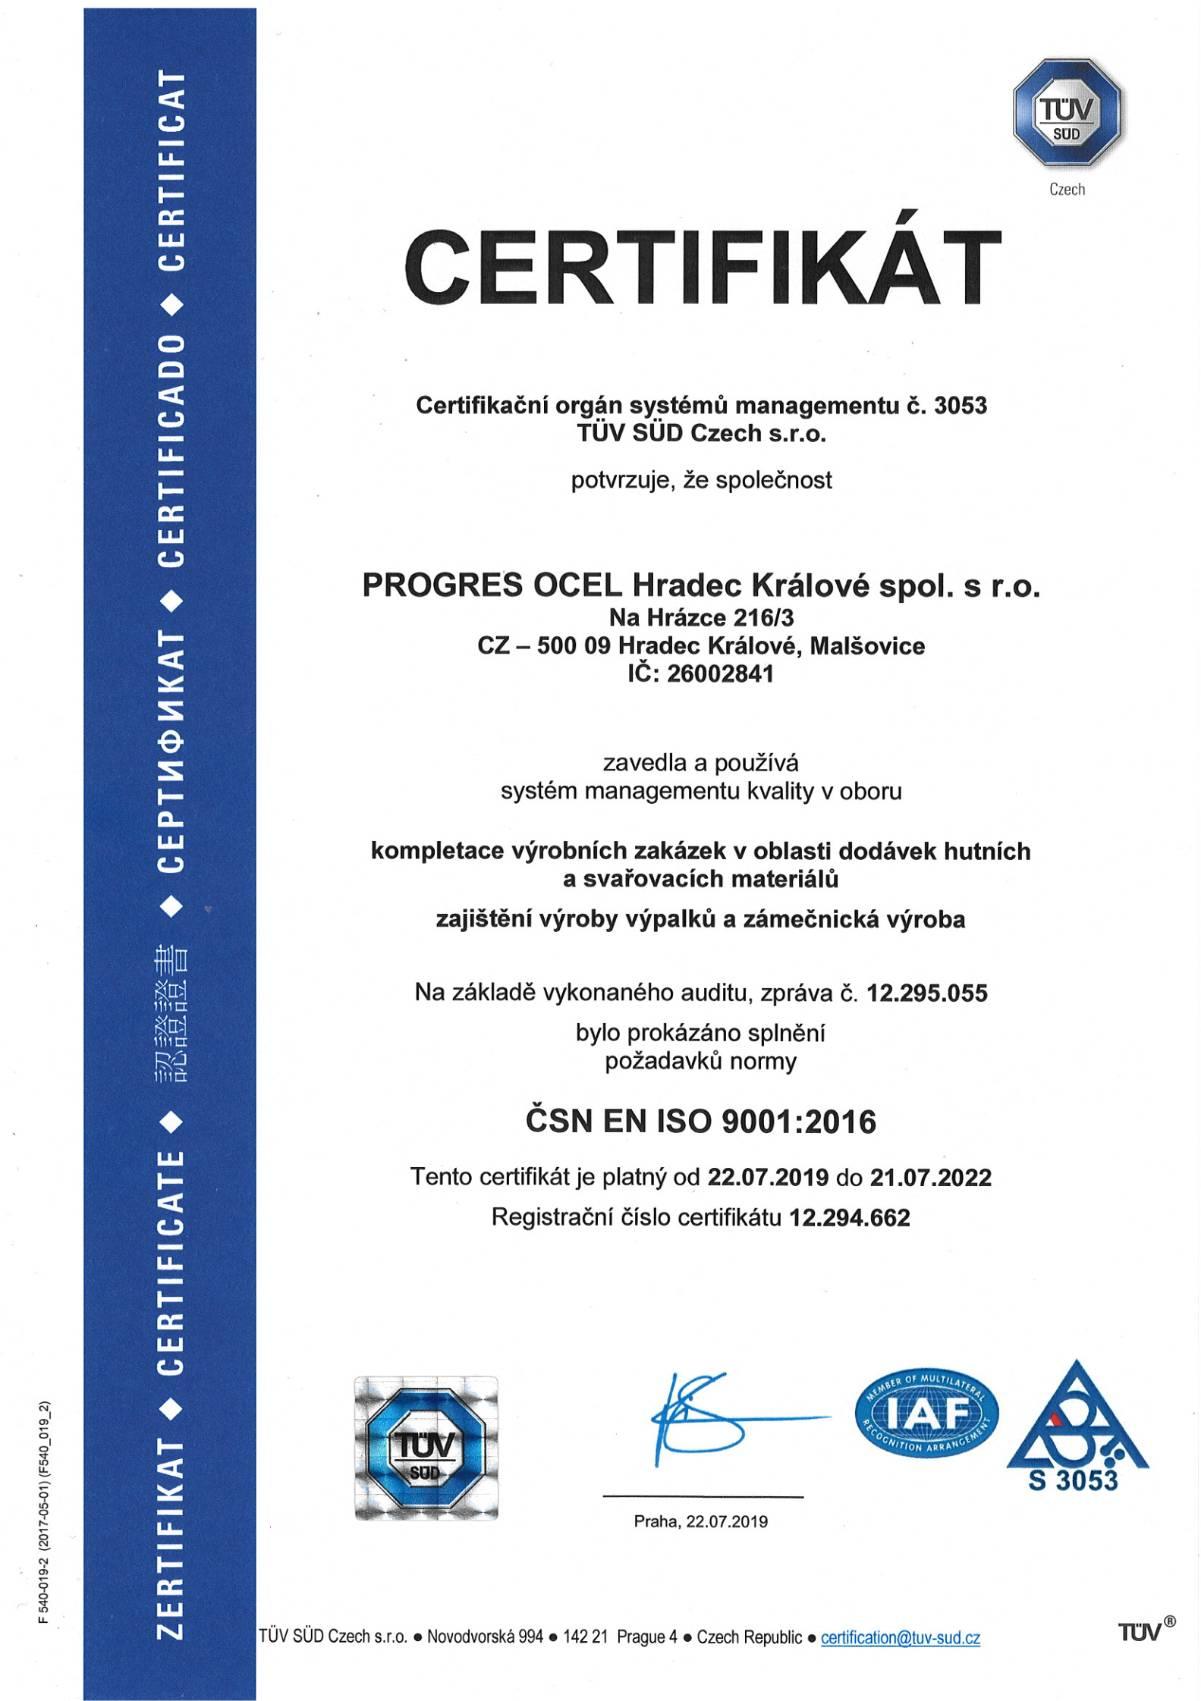 Certifikát Progres Ocel Hradec Králové spol, s.r.o.